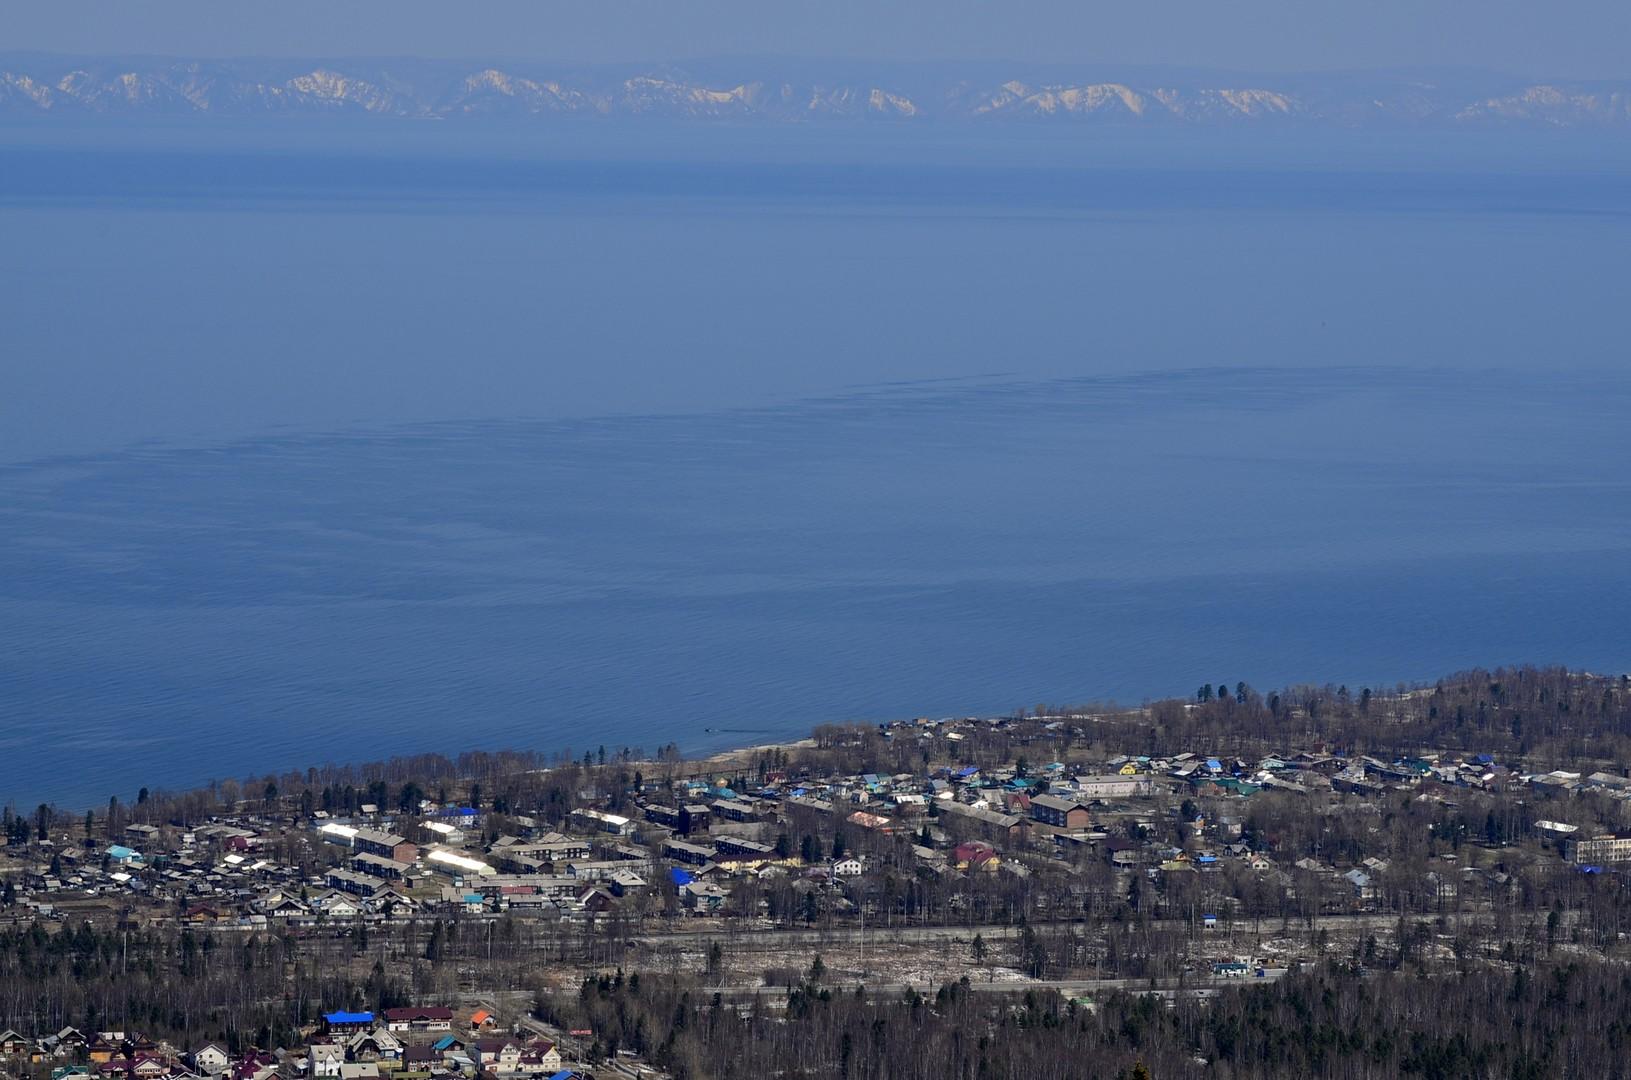 Blick hinüber zum anderen Ufer des Baikals - an einer schmalen Stelle.